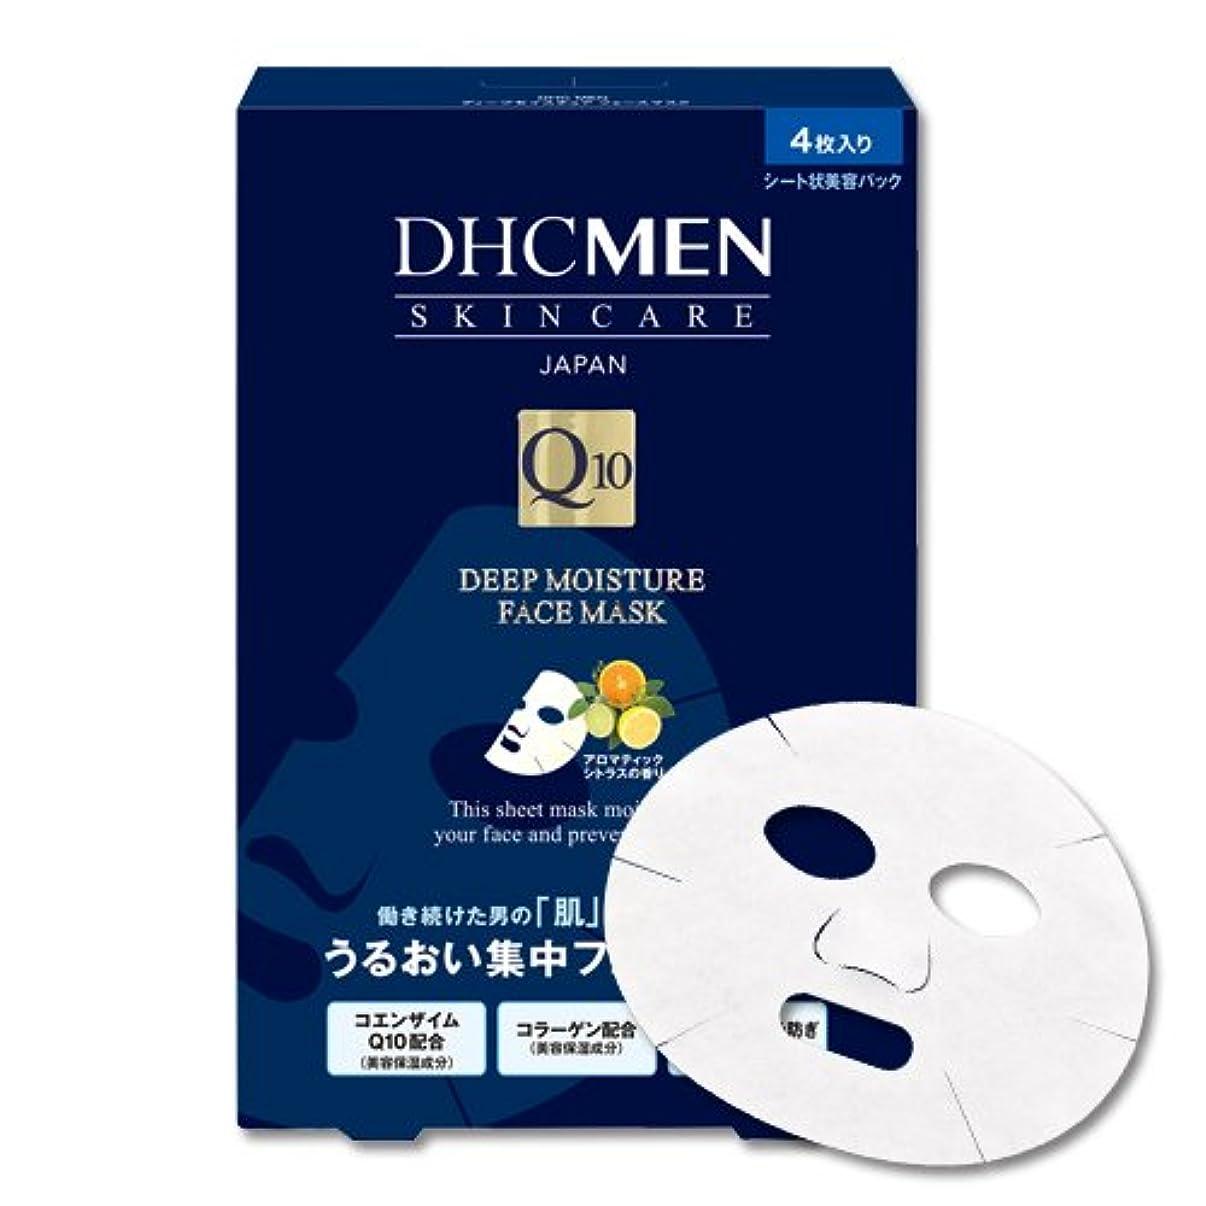 チームフィクション値下げDHC MEN ディープモイスチュア フェースマスク